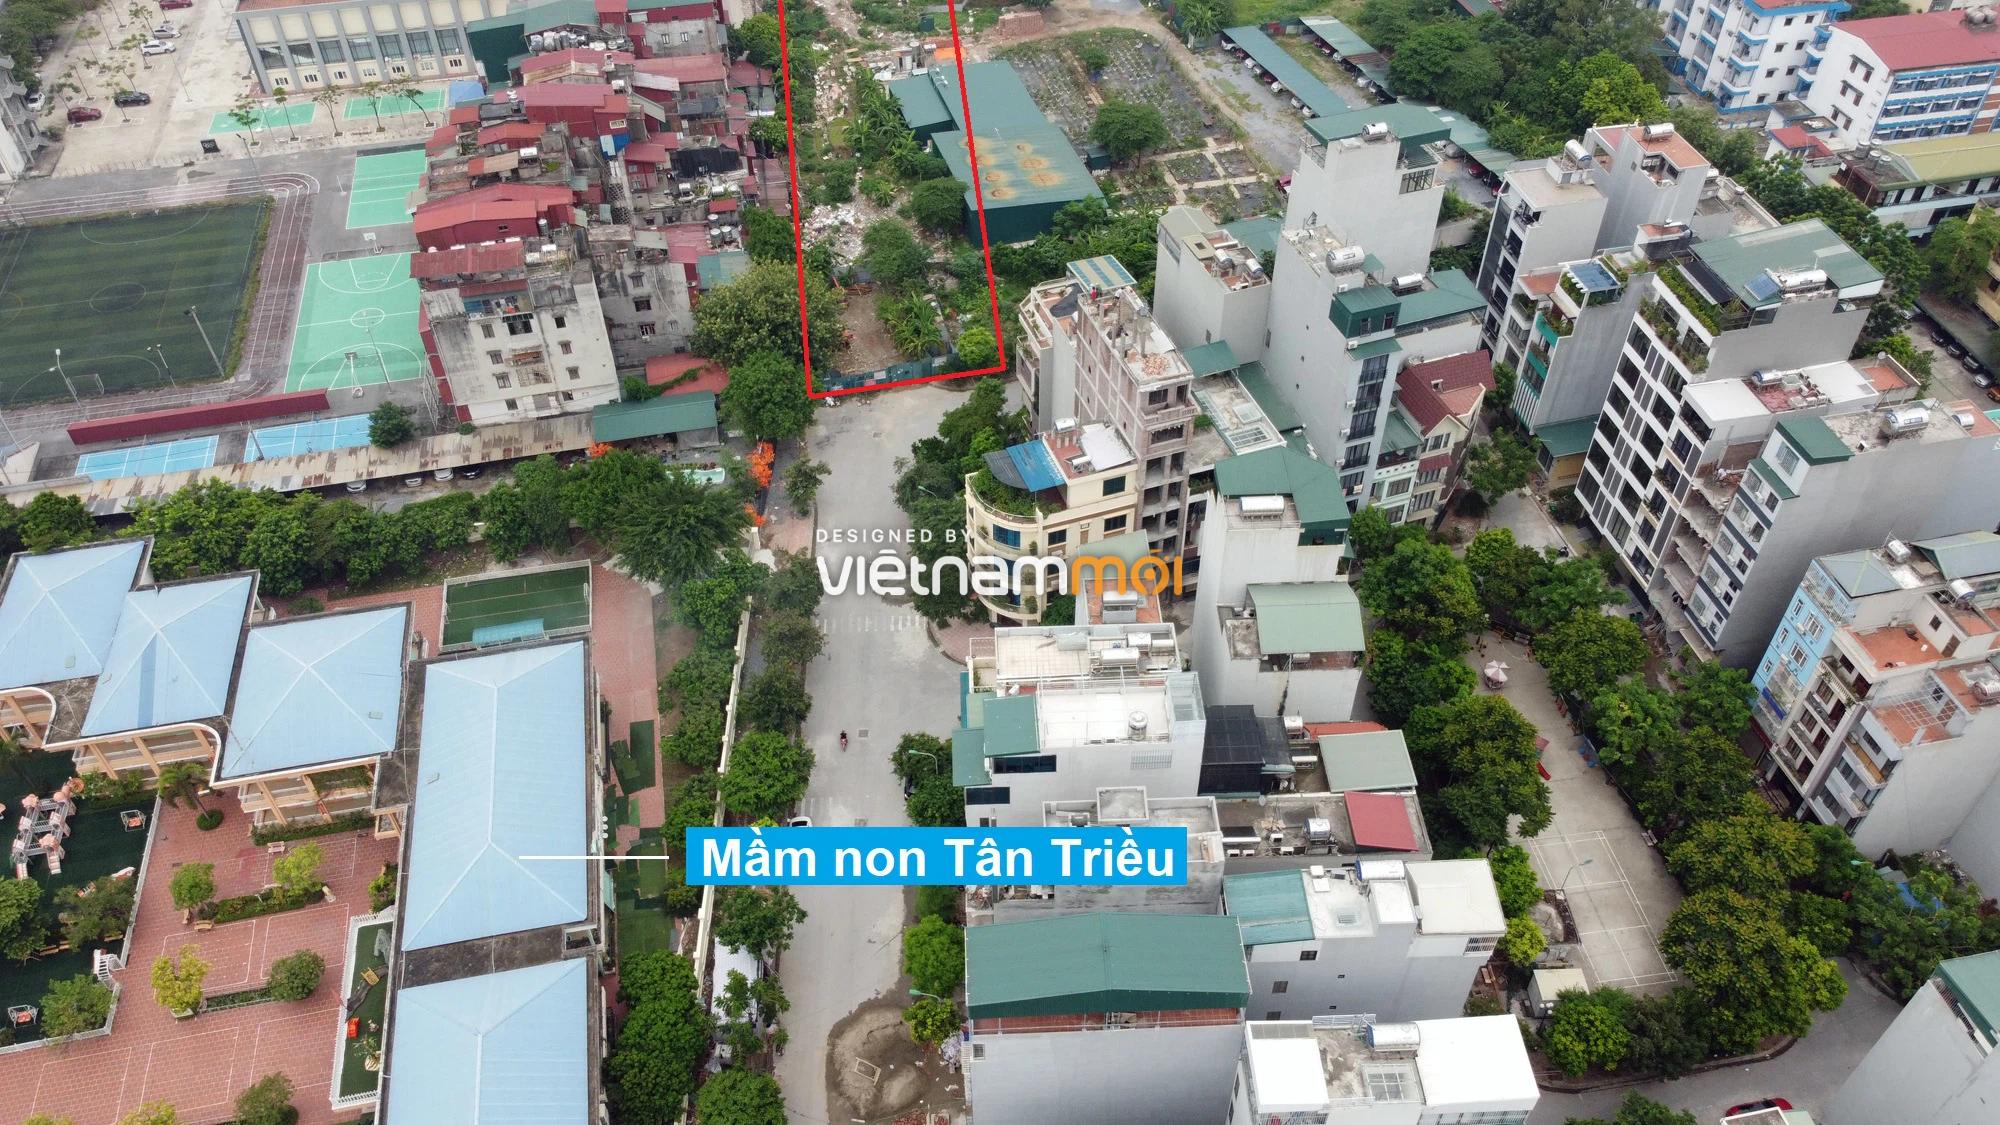 Những khu đất sắp thu hồi để mở đường ở xã Tân Triều, Thanh Trì, Hà Nội (phần 3) - Ảnh 10.